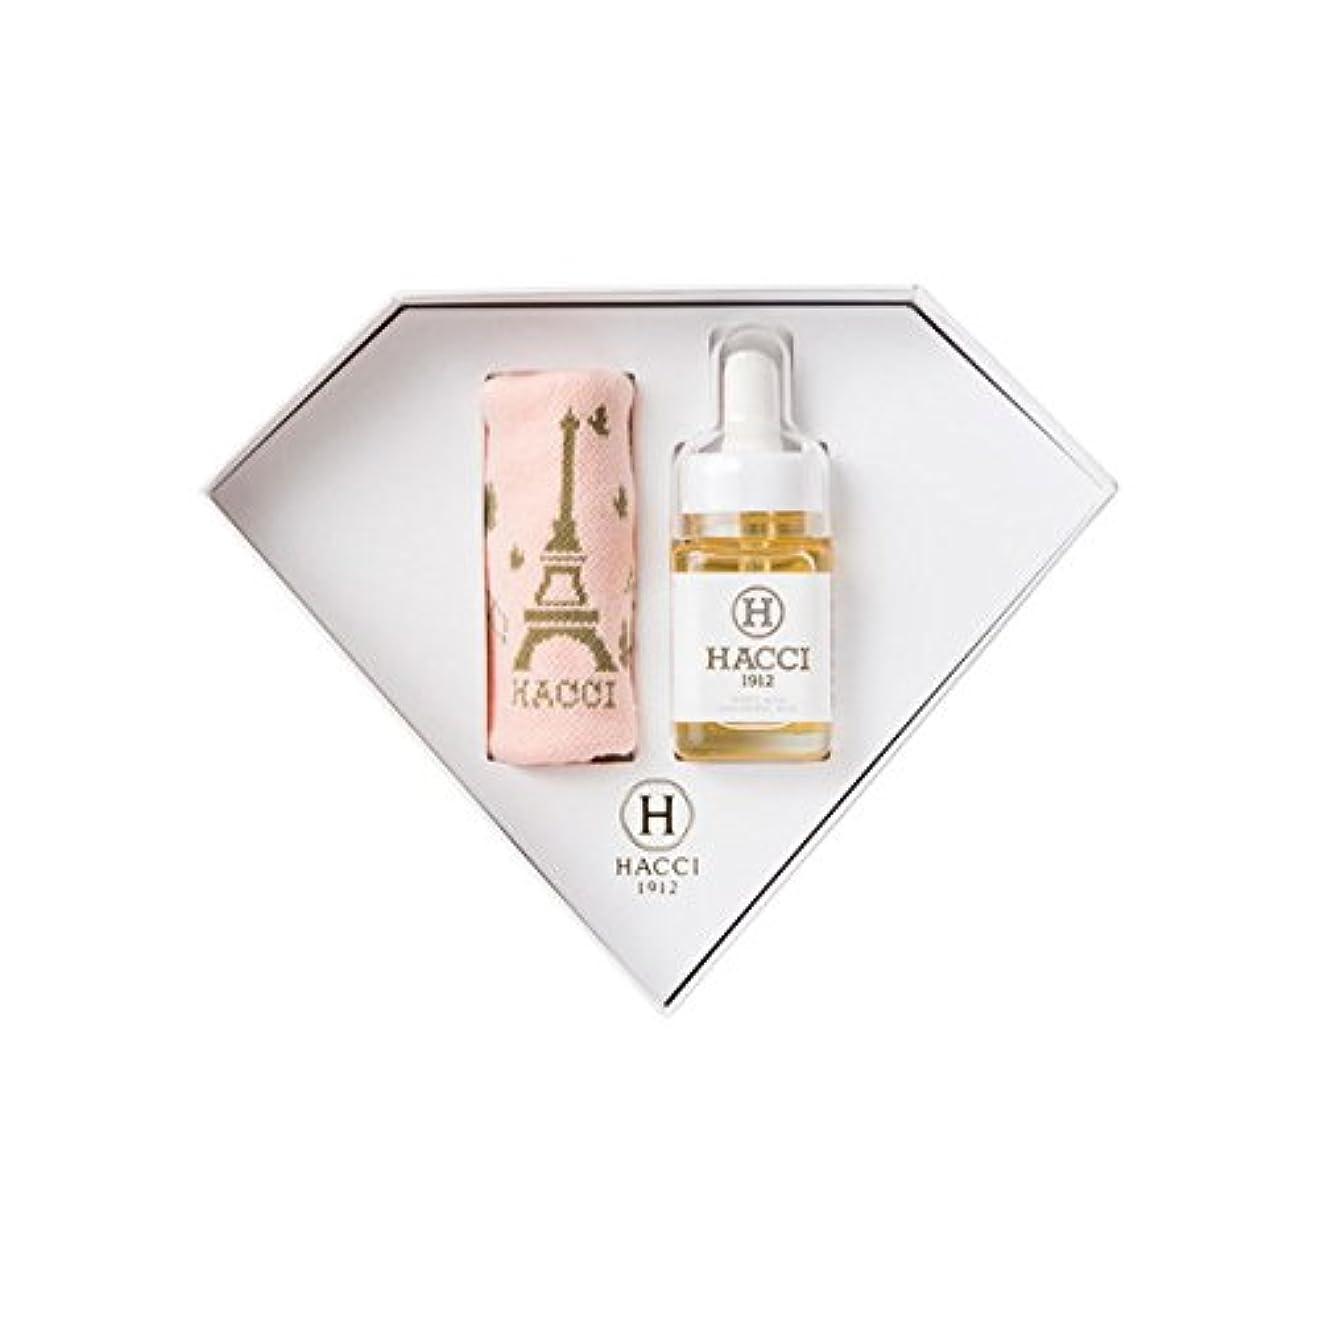 授業料キャッチ病なHACCI ミニダイヤモンドBOX(BEAUTY HONEY40g) (ヒアルロン酸入りはちみつ)